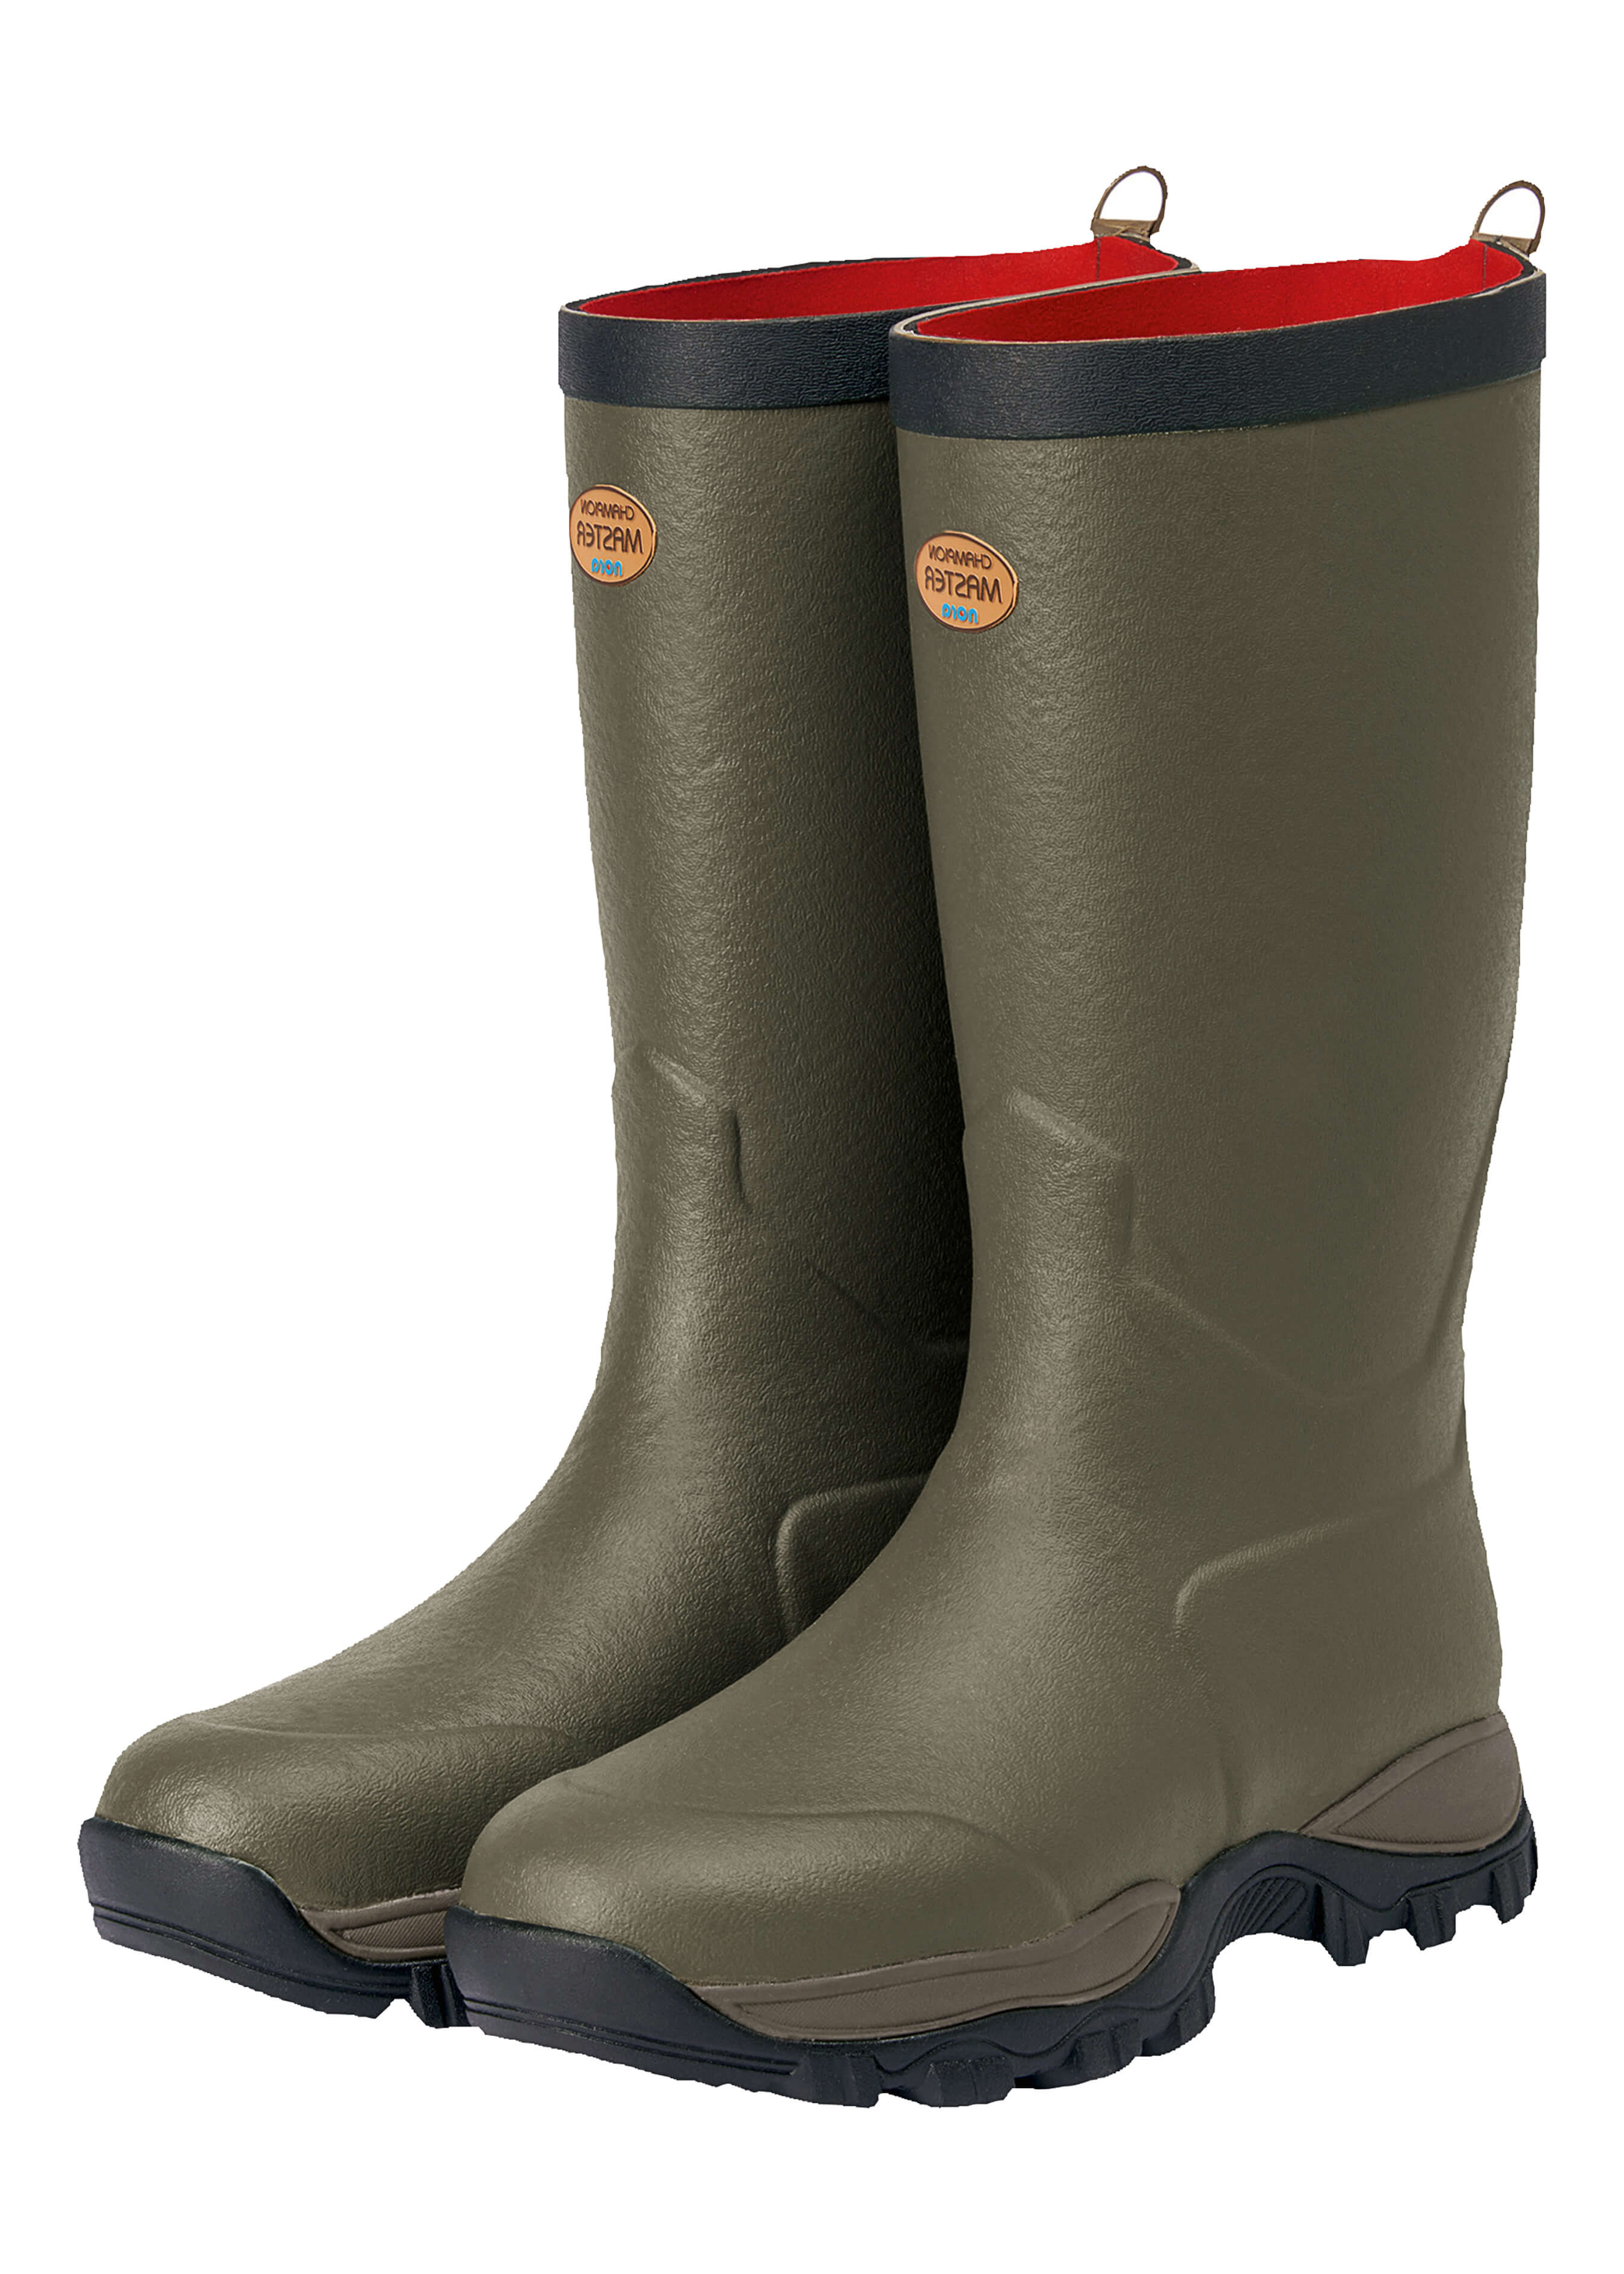 Demi-bottes en caoutchouc naturel et néoprène Zermatt pour cou-de-pied haut 52072310 1